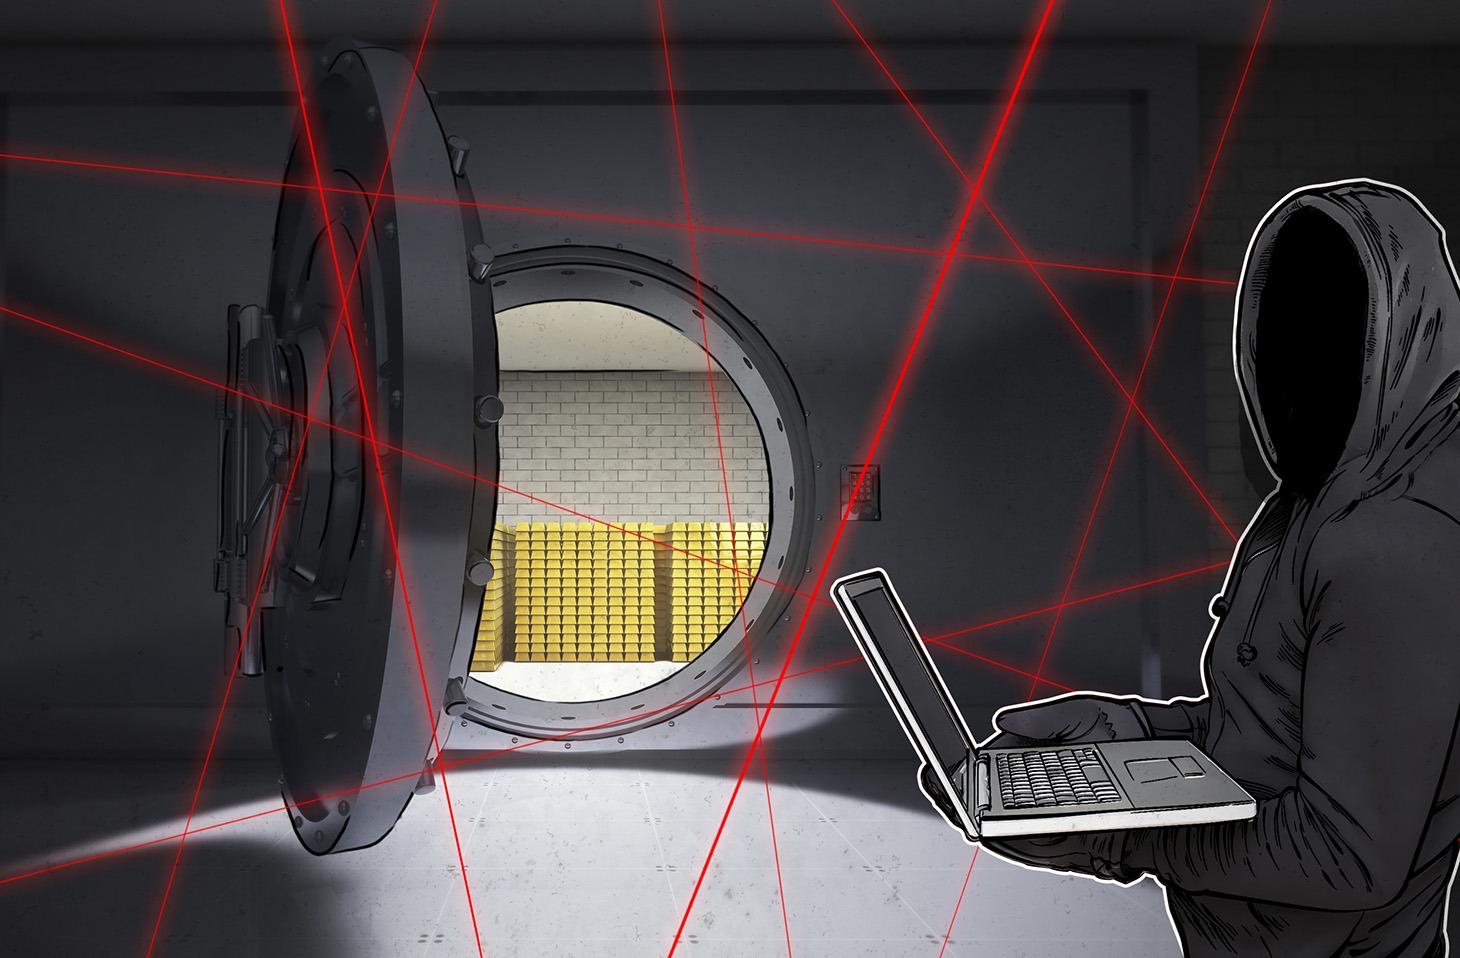 Կասպերսկու Լաբորատորիա. Ֆինանսական վնասաբեր ծրագրերն Անդրկովկասում ամենահազվադեպը գրոհում են ՀՀ օգտատերերի համակարգիչները